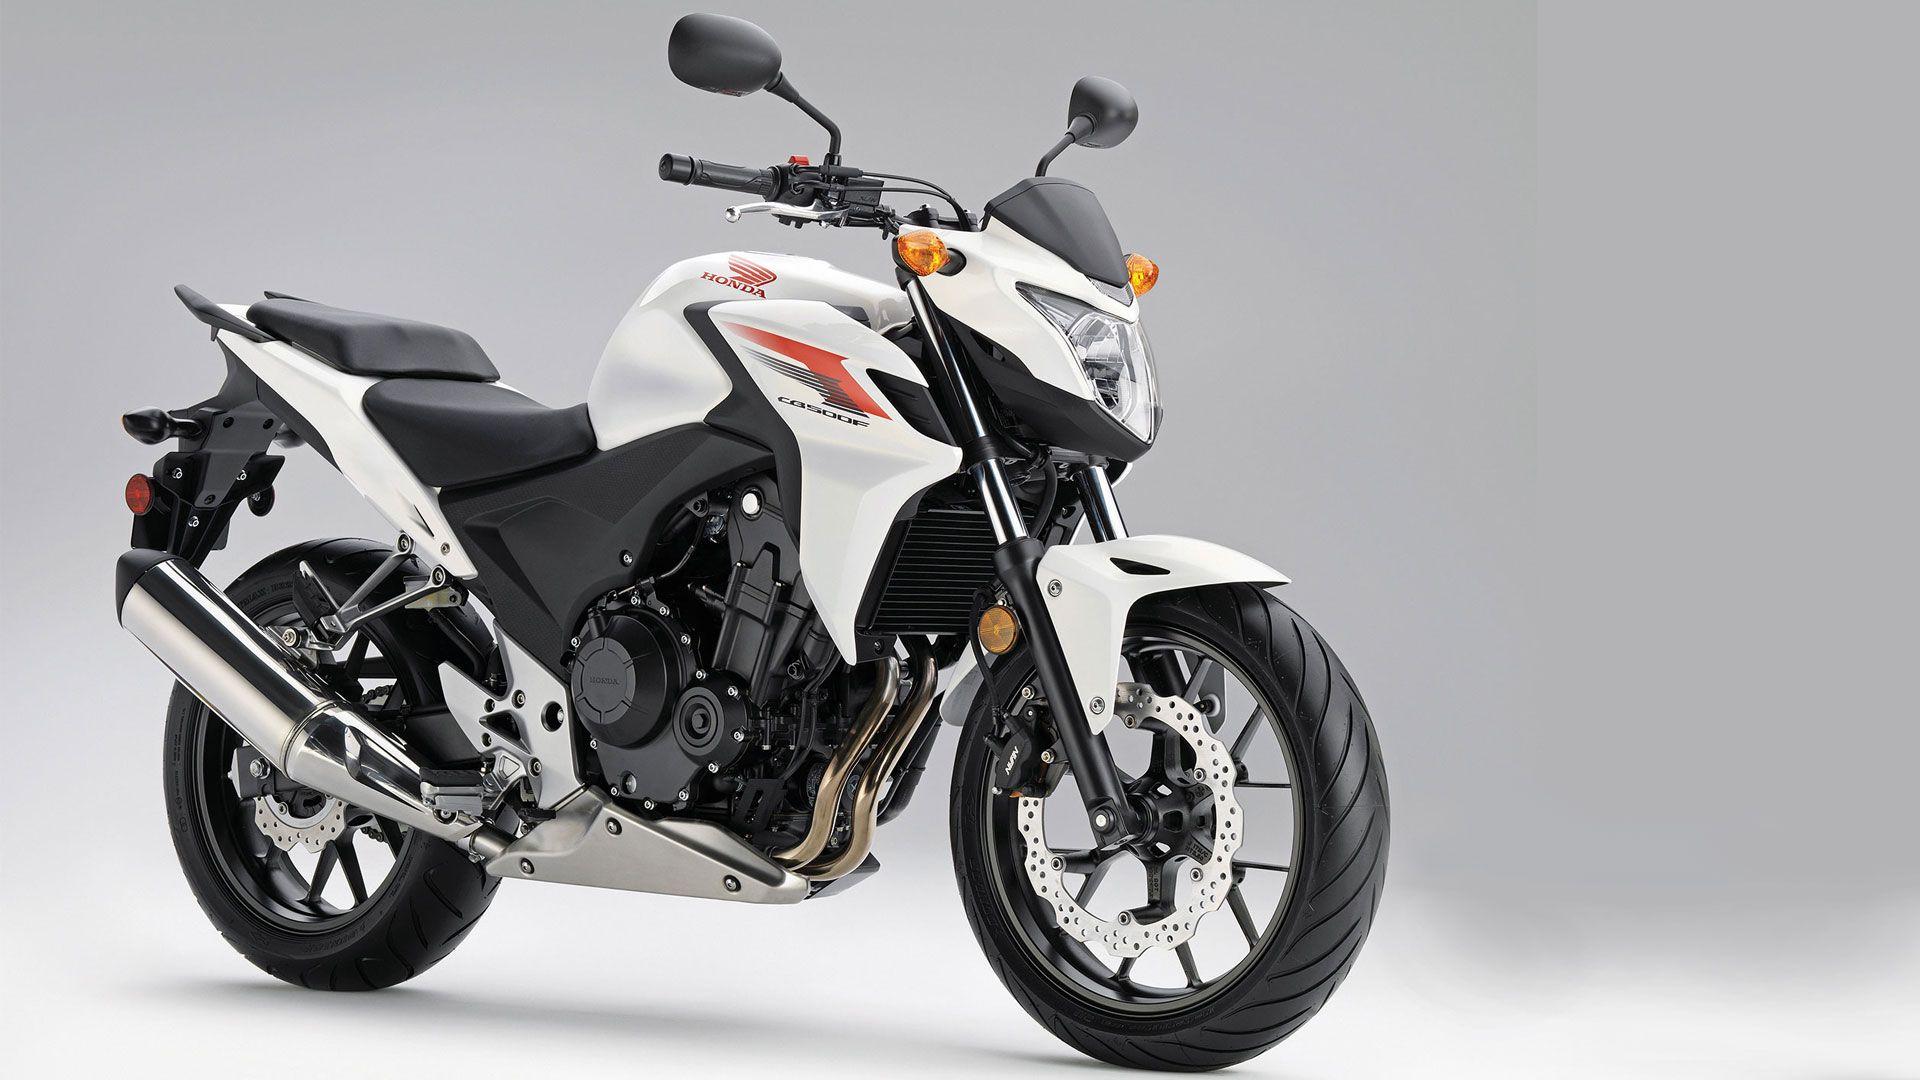 2014 Honda CB500F abs specs 2014 Honda CB500F ABS Full